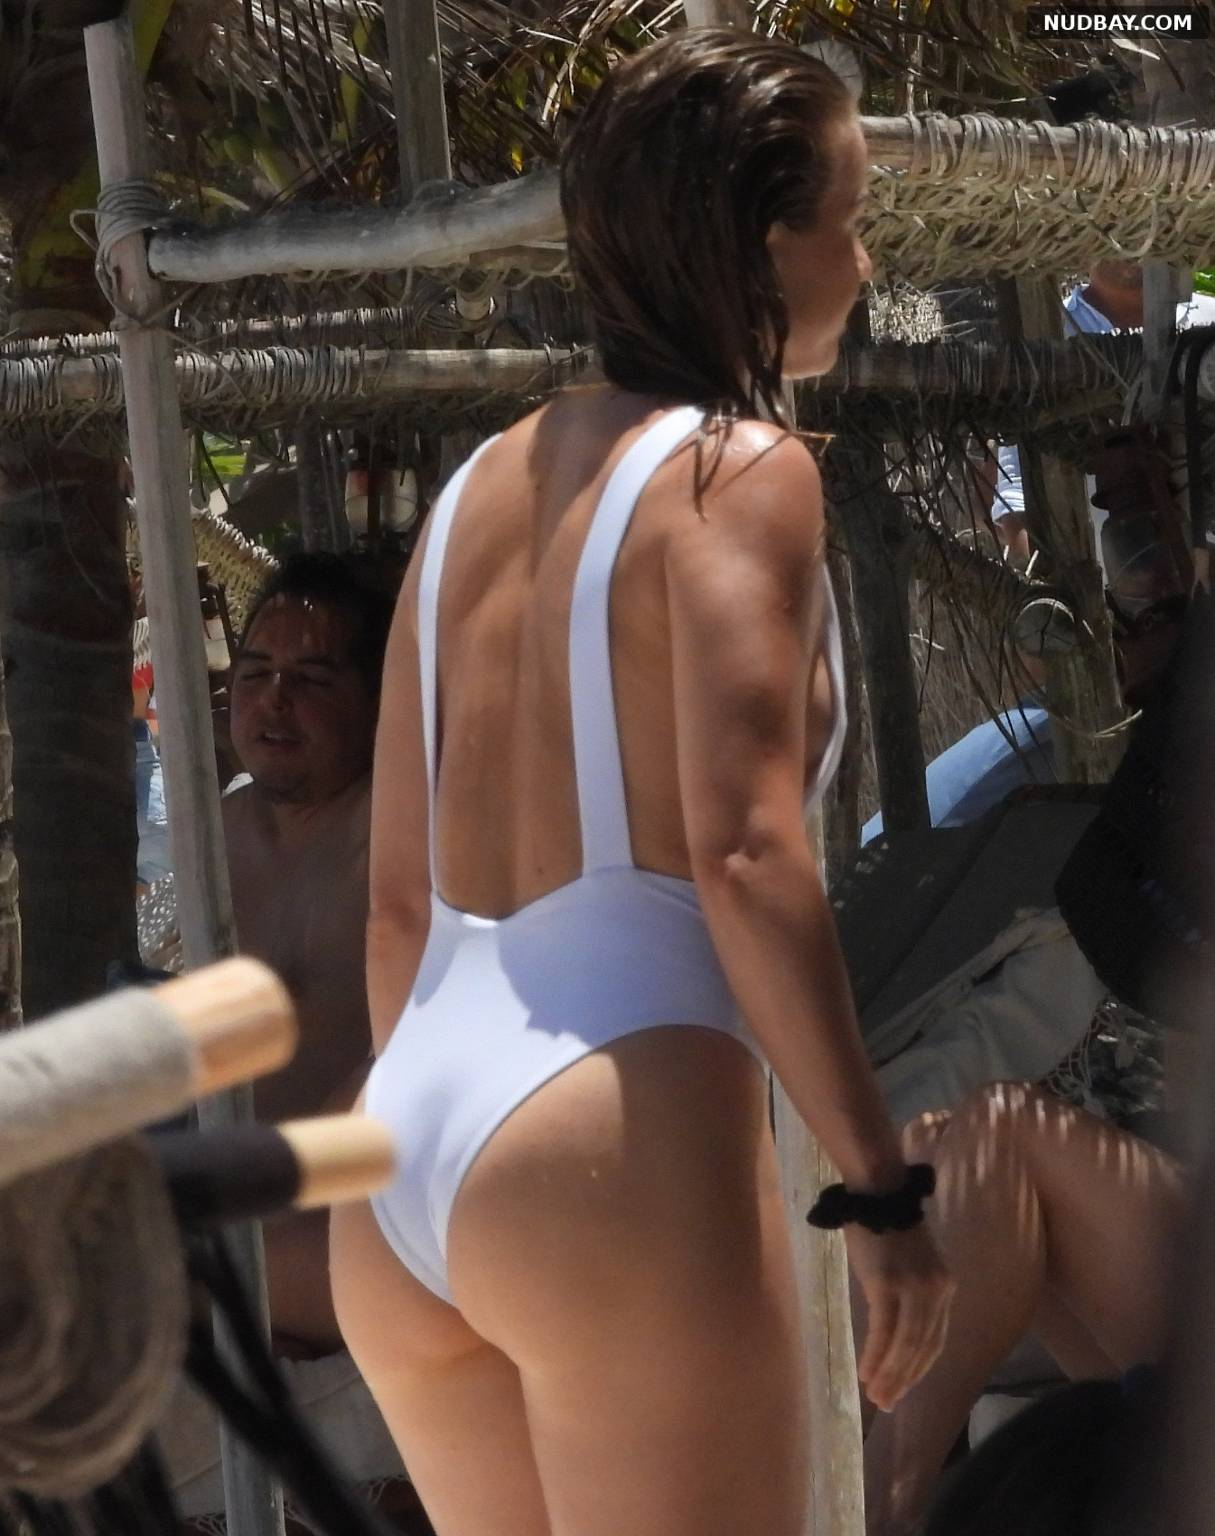 Julianne Hough ass in swimsuit Apr 29 2021